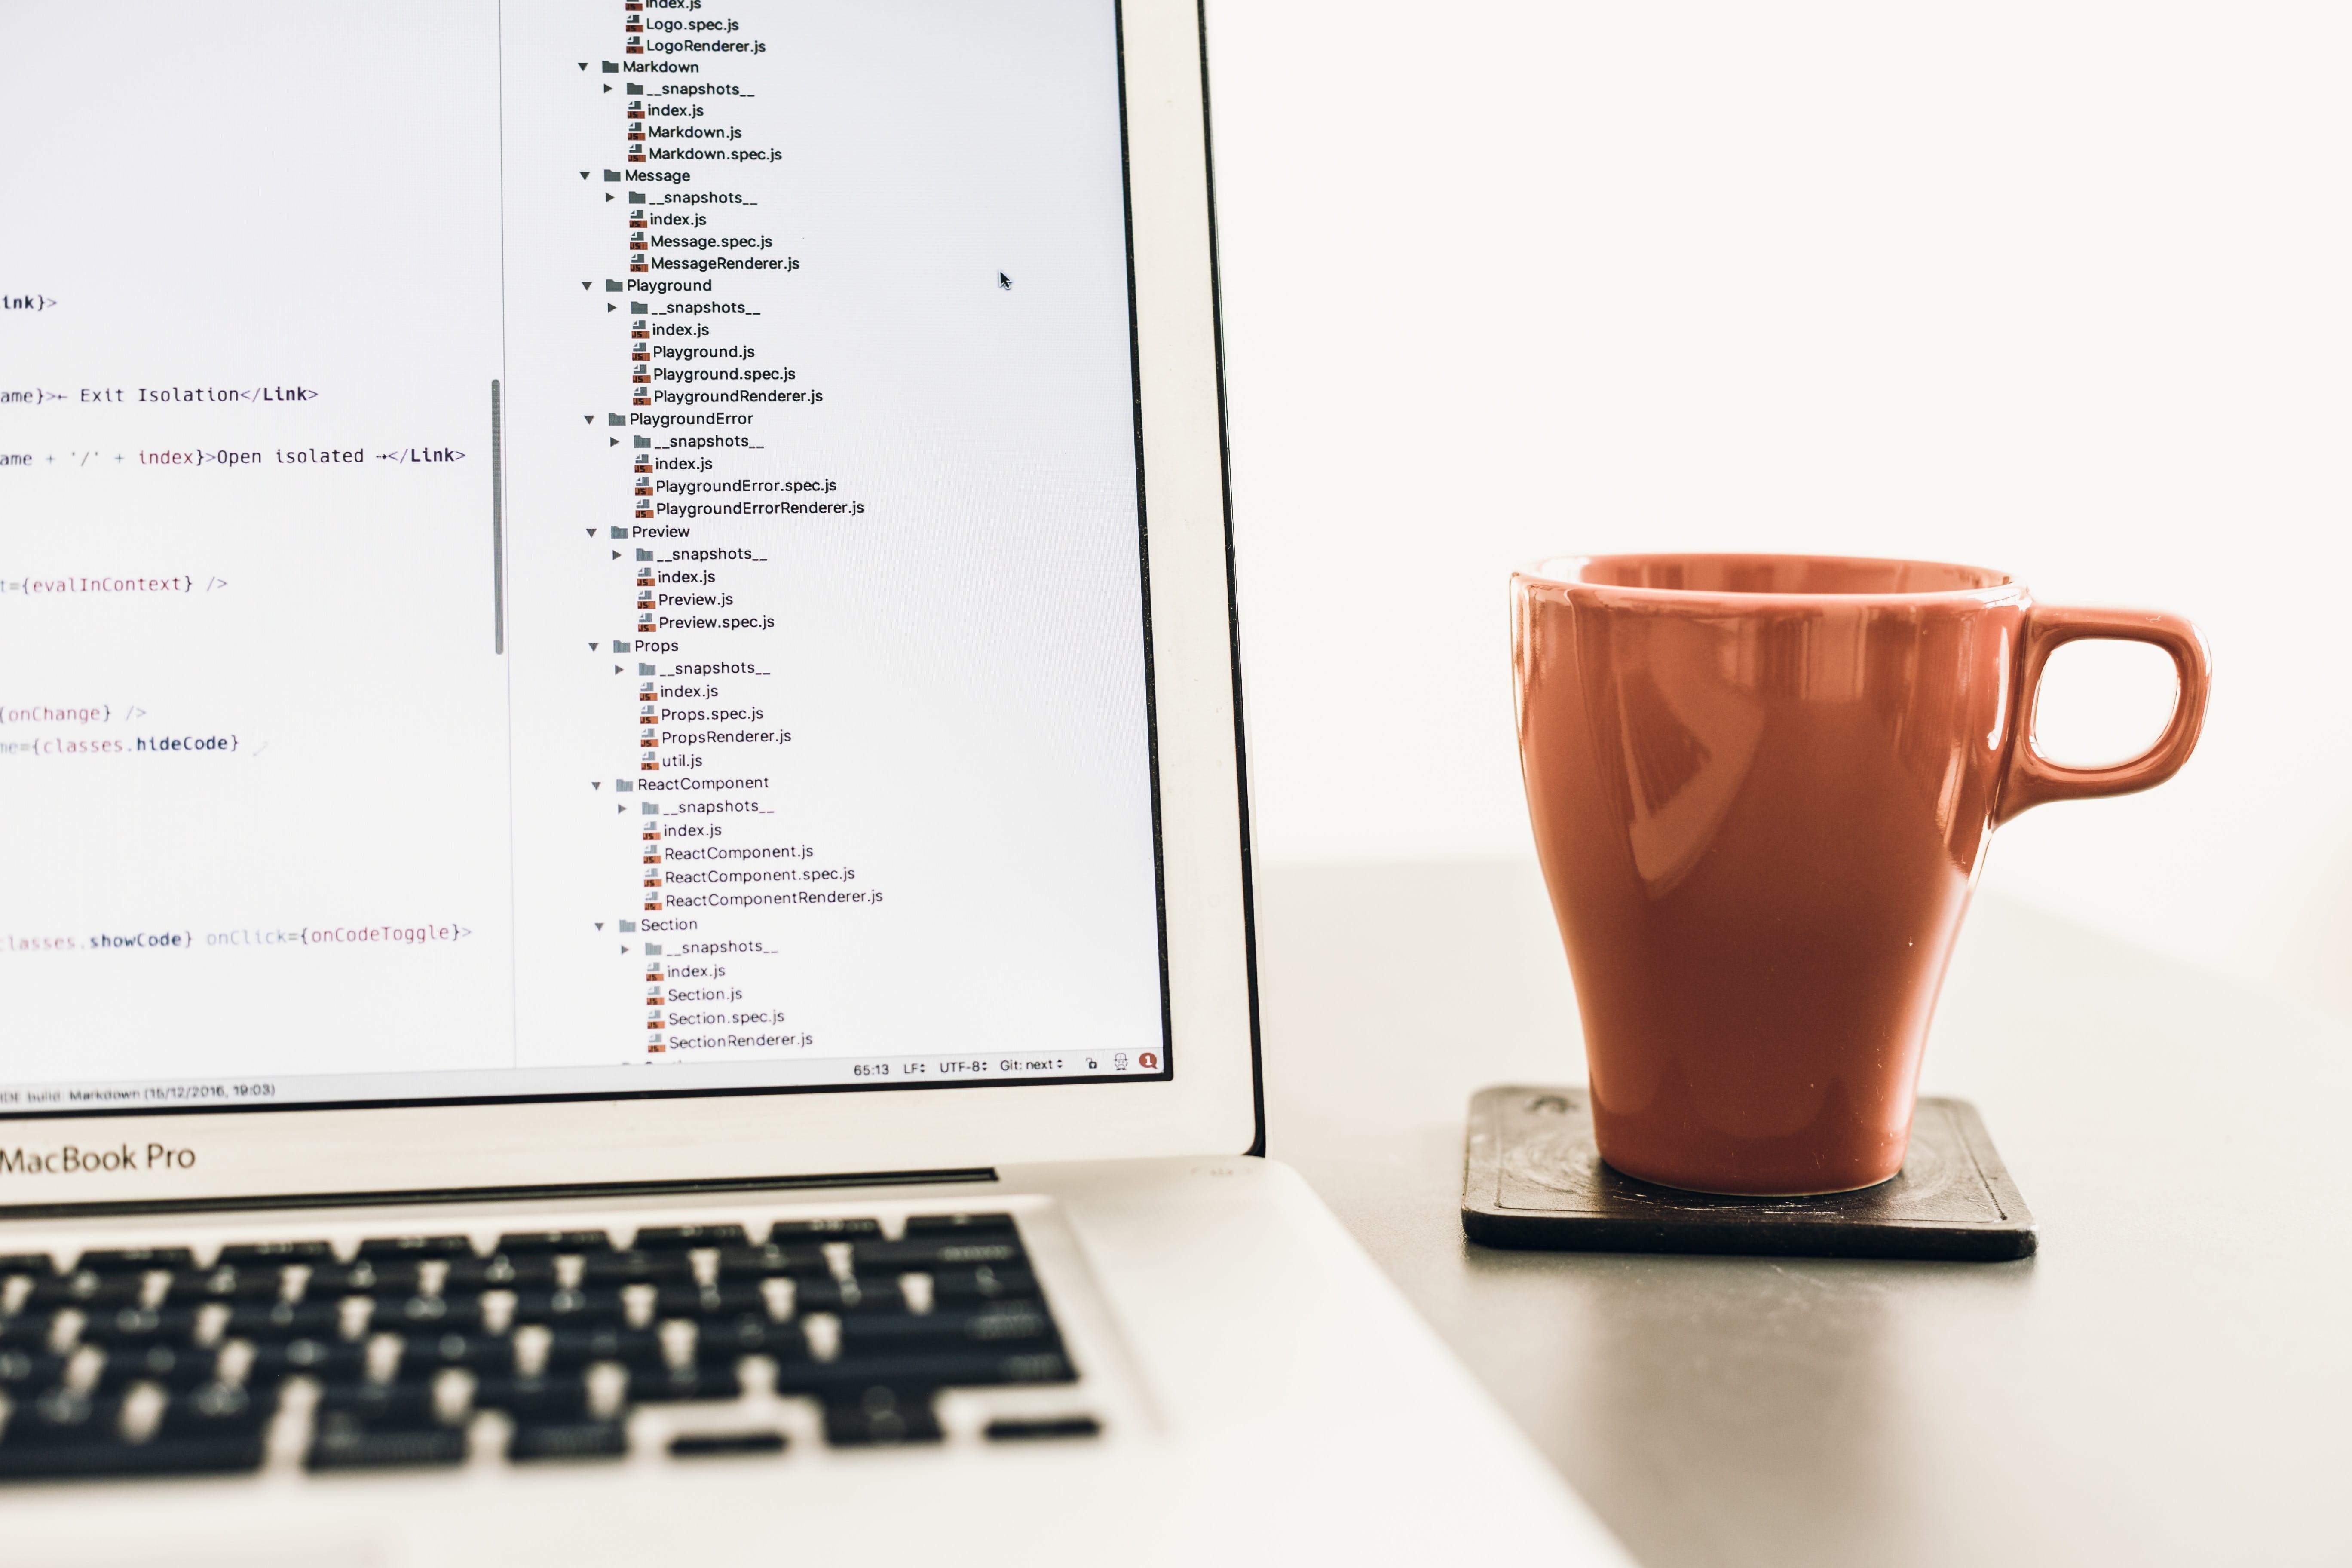 Mejores programas de 2018 para recuperar archivos borrados en Mac